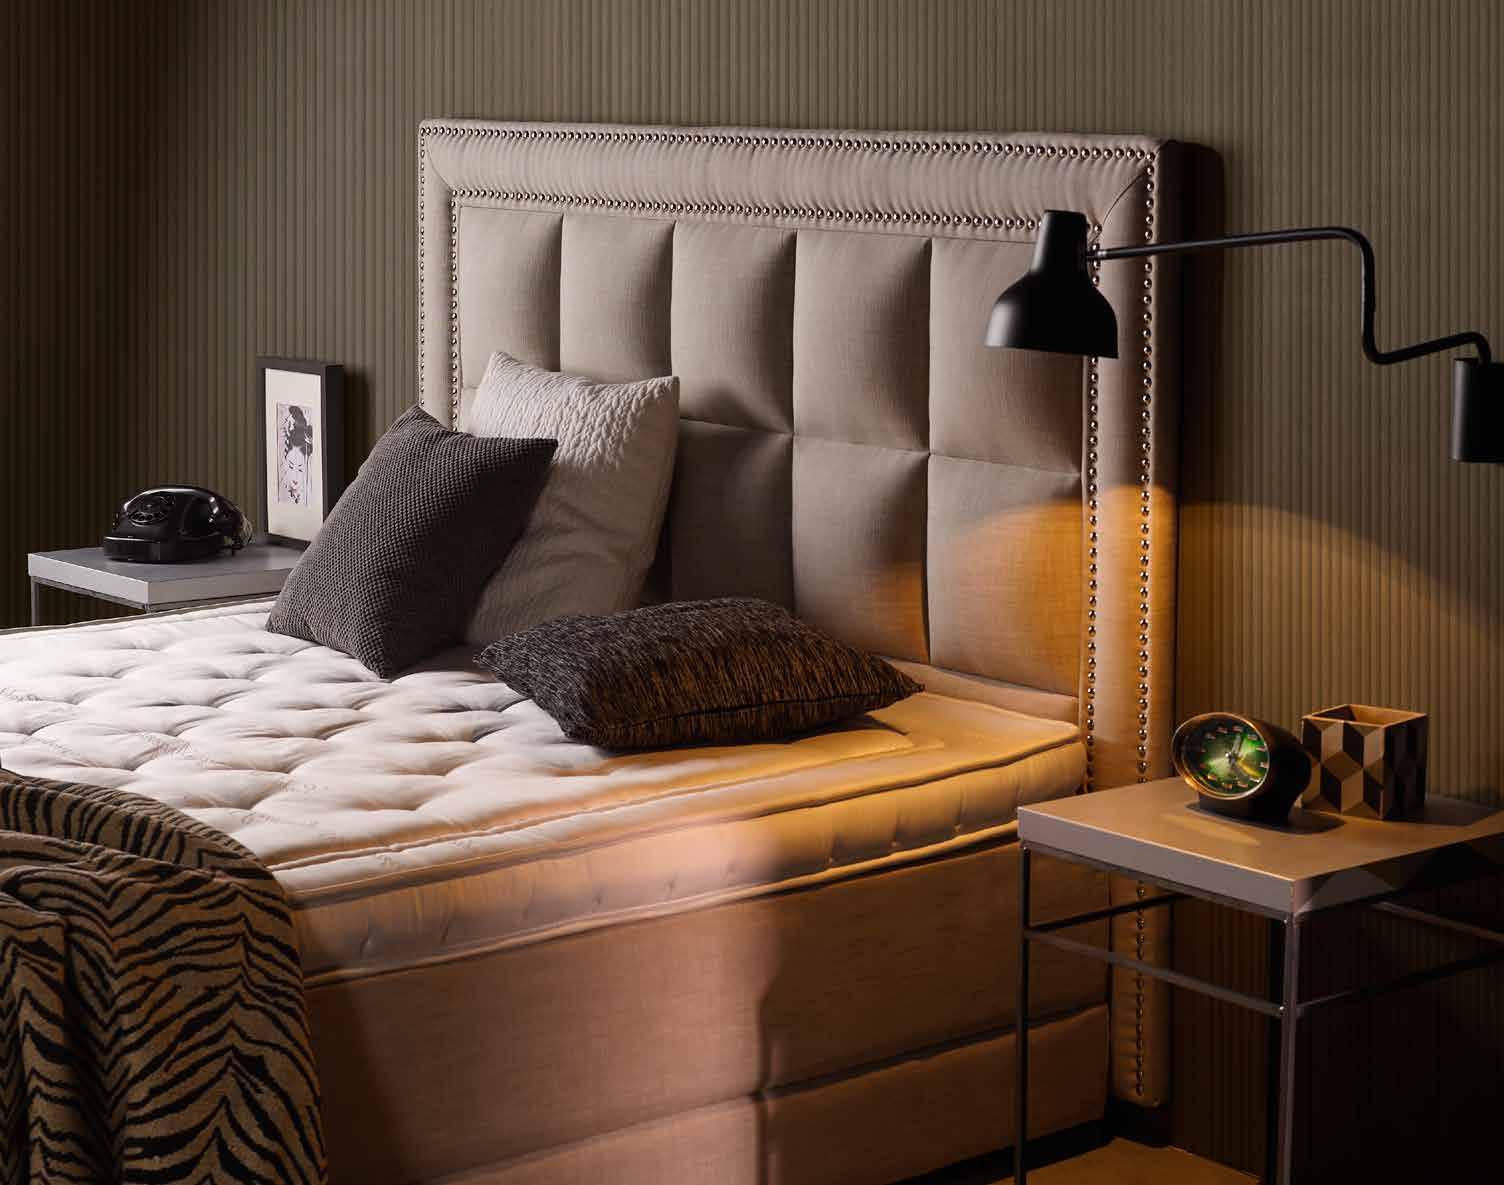 cabeceros-tapizados-muebles-paco-caballero-1837-5c8fd8445b739